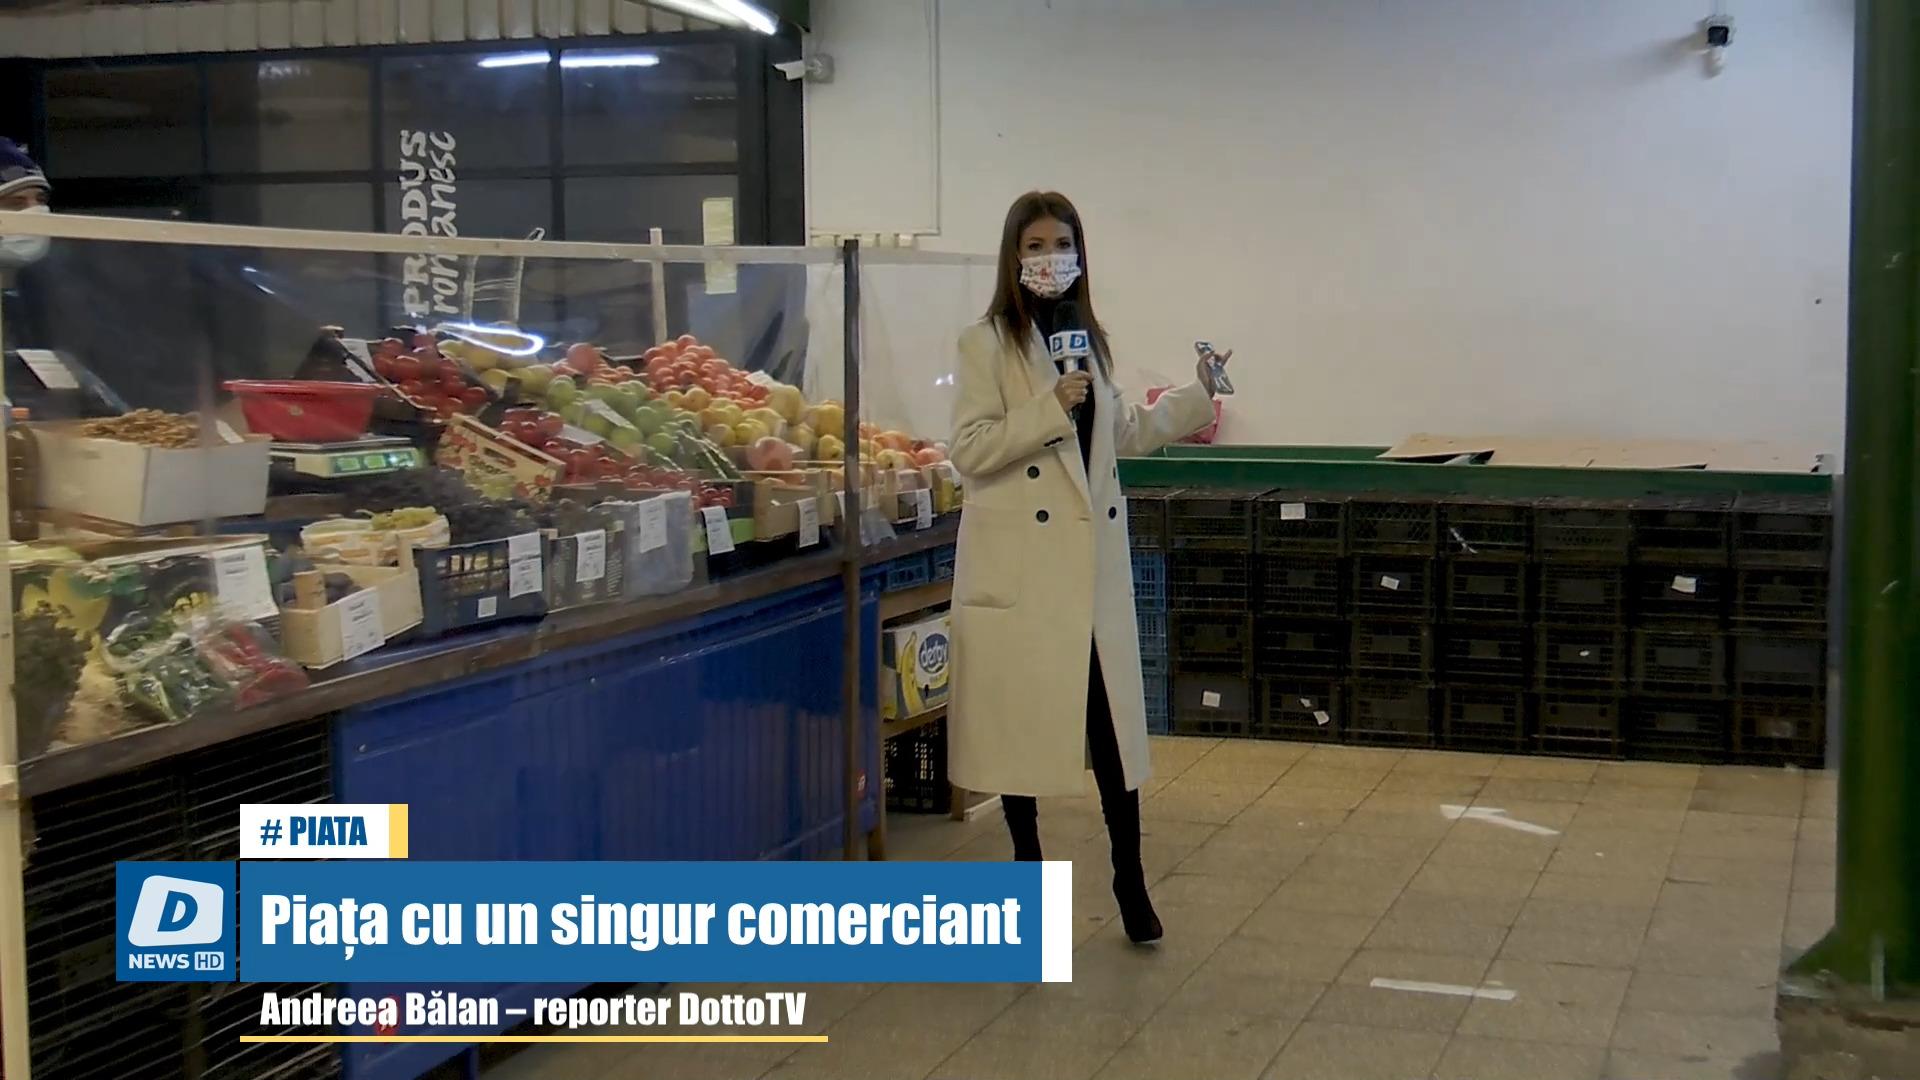 Directiva privind practicile comerciale neloiale (2005/29)